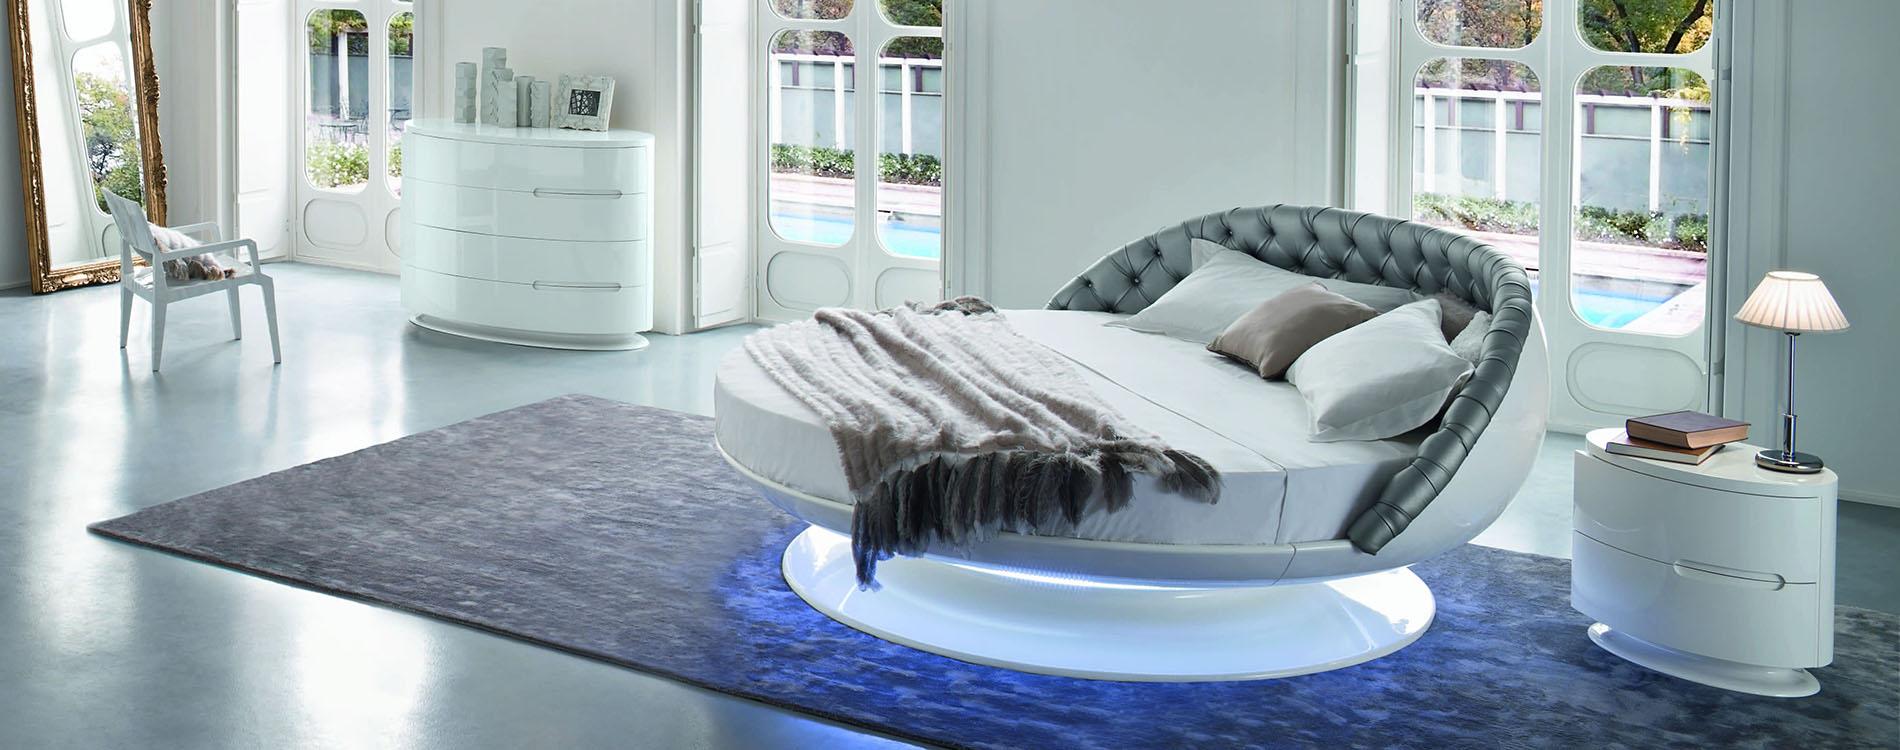 Mobilificio europa arredamento casa mobili cucine for Nuovo arredo camerette